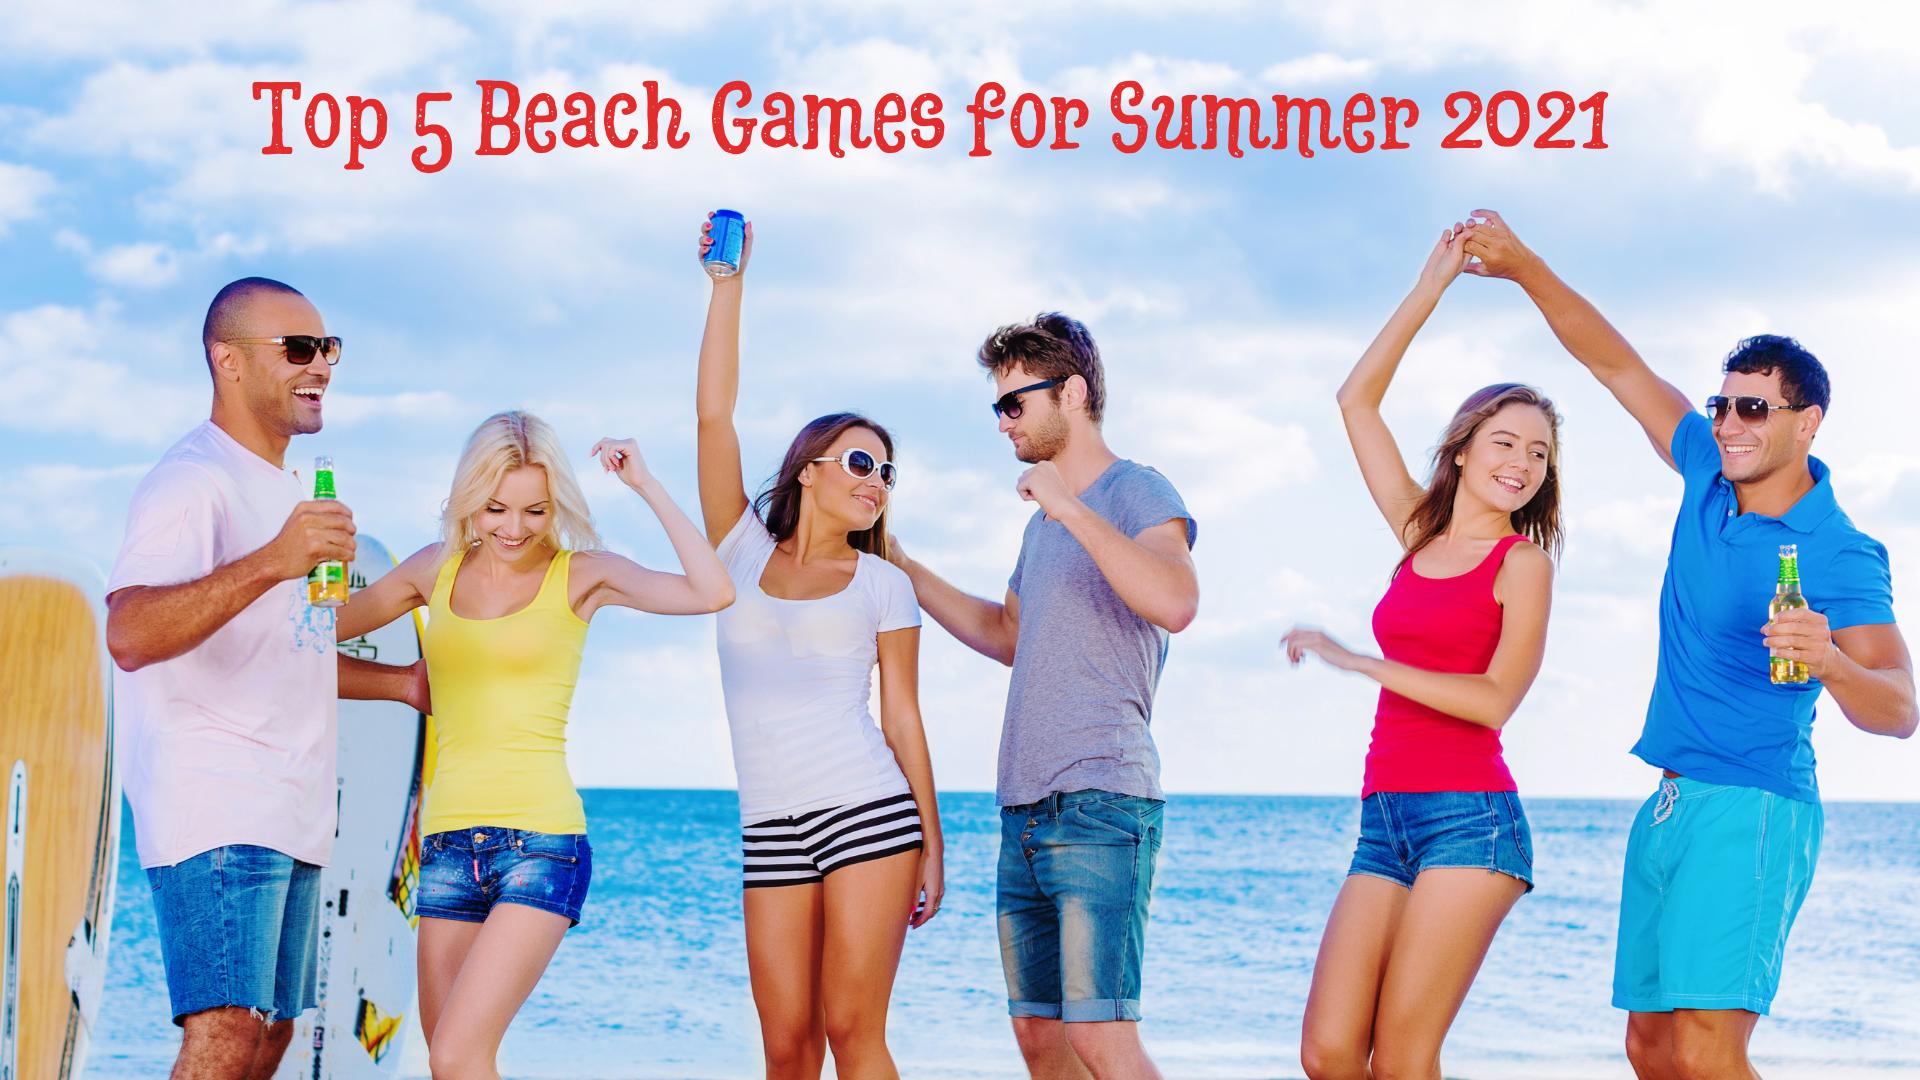 Top 5 Beach Games